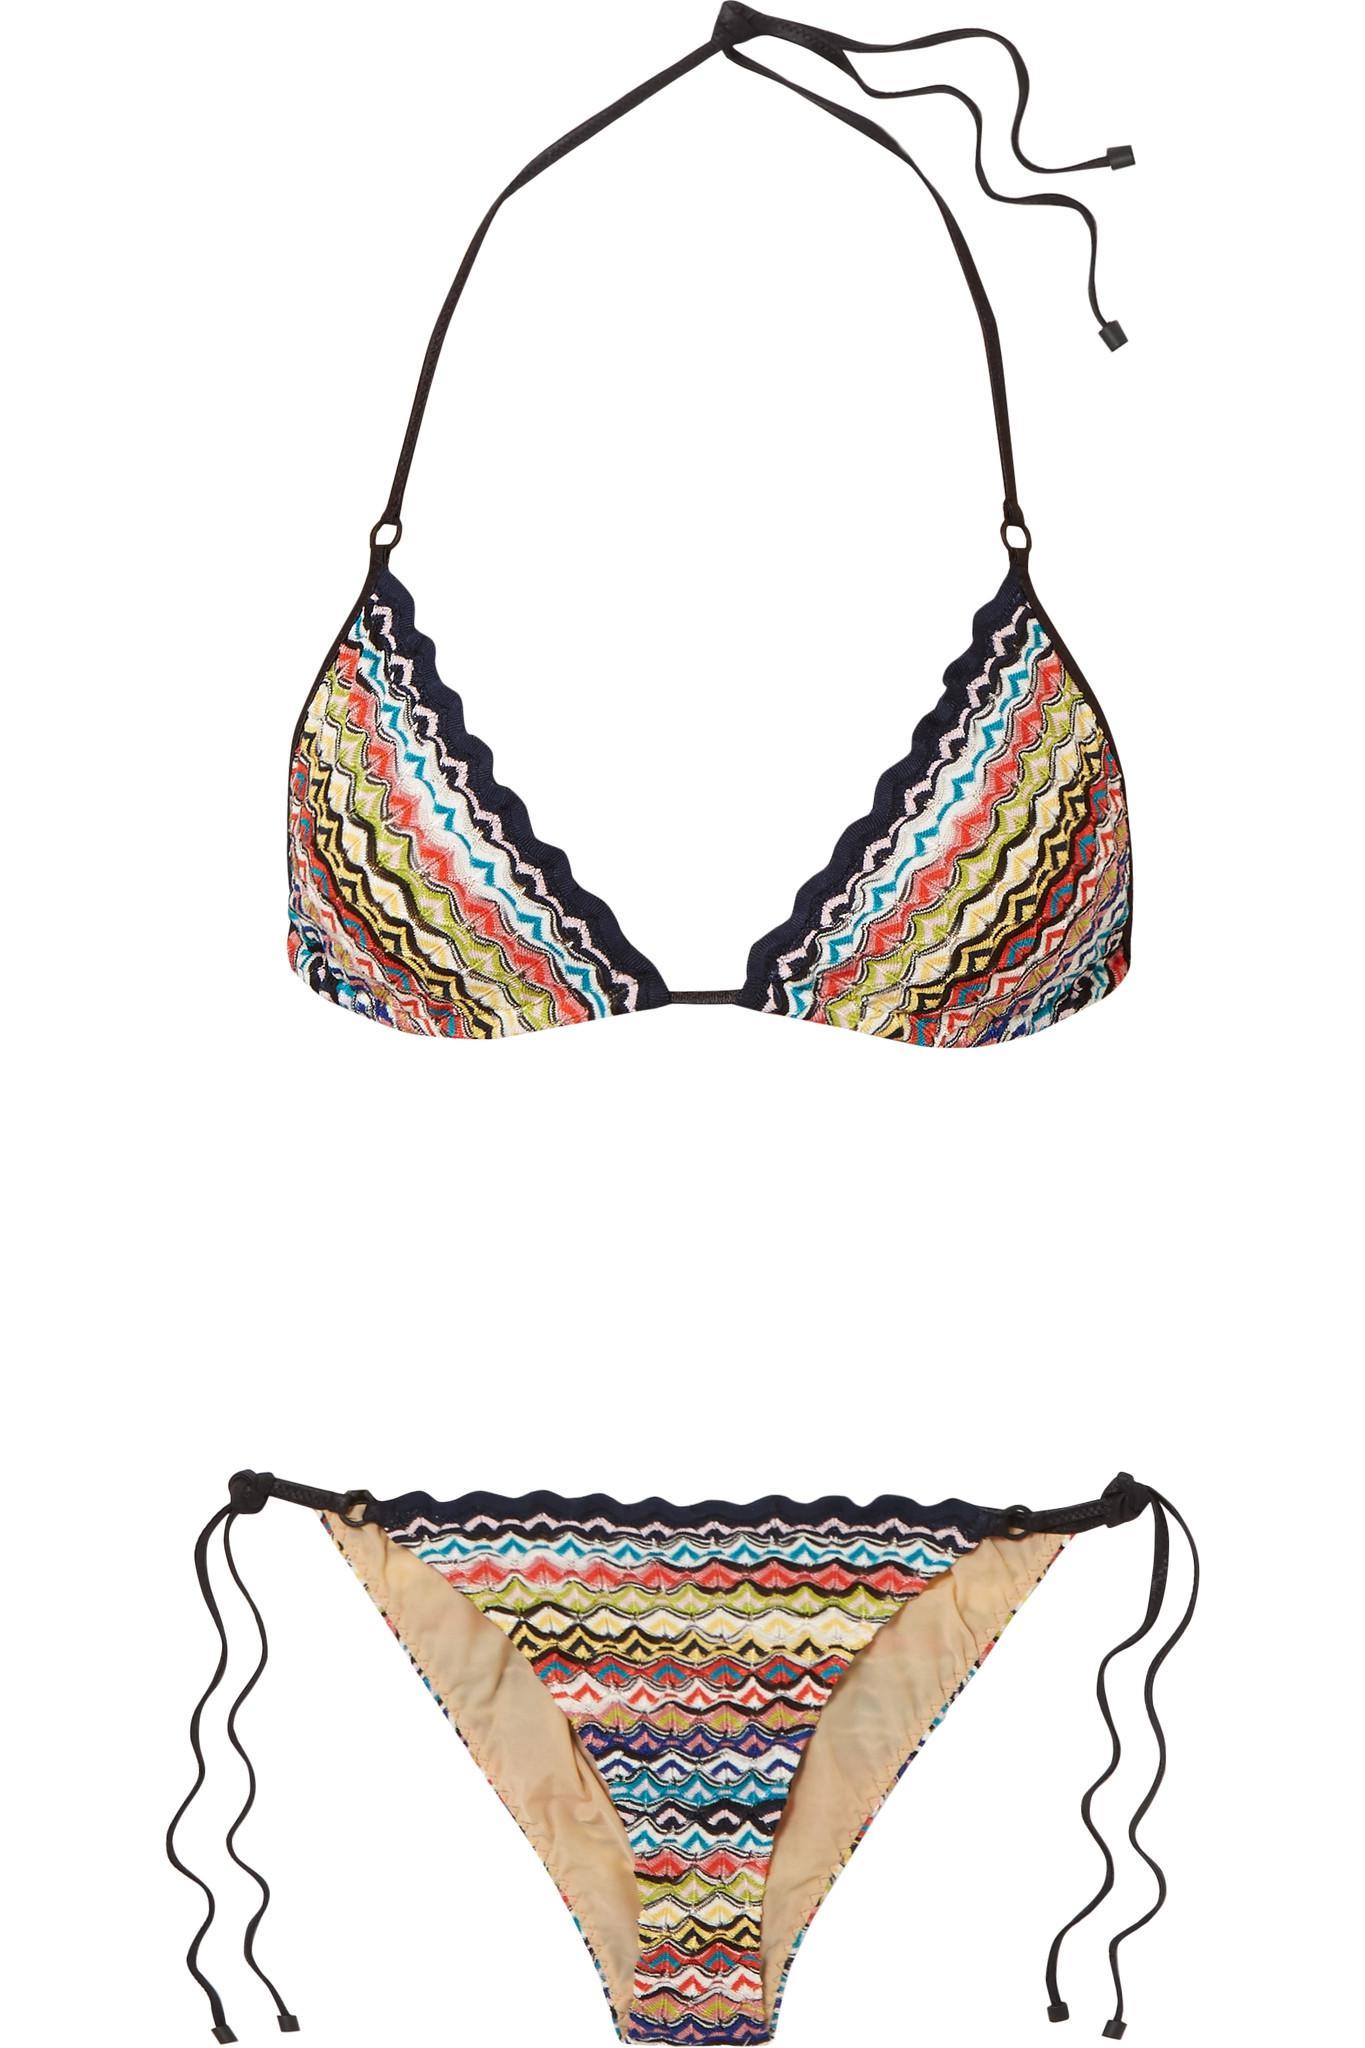 f1d6849c35e92 Lyst - Missoni Mare Donna Crochet-knit Triangle Bikini in Black